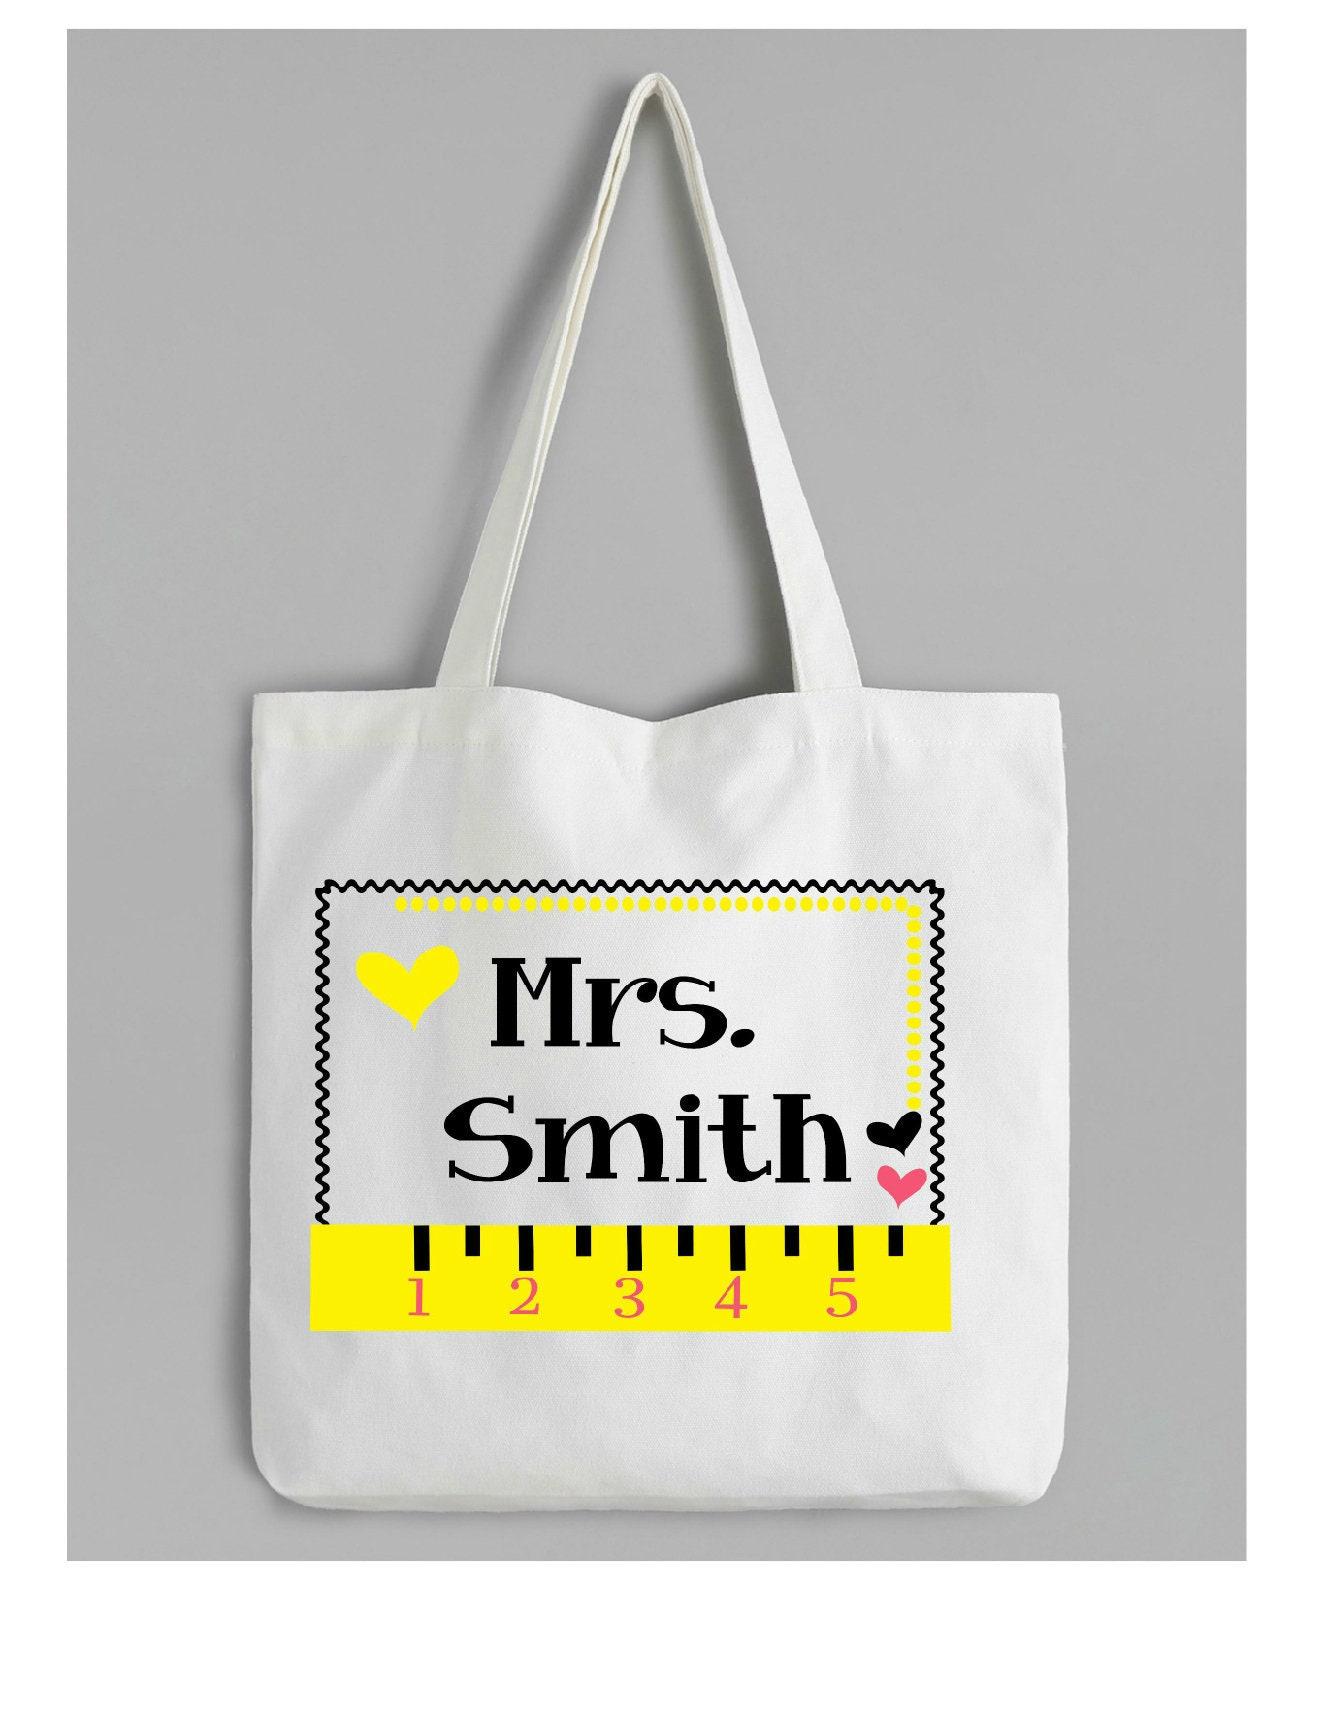 Lehrer Wertschätzung Einkaufstasche personalisiertes | Etsy